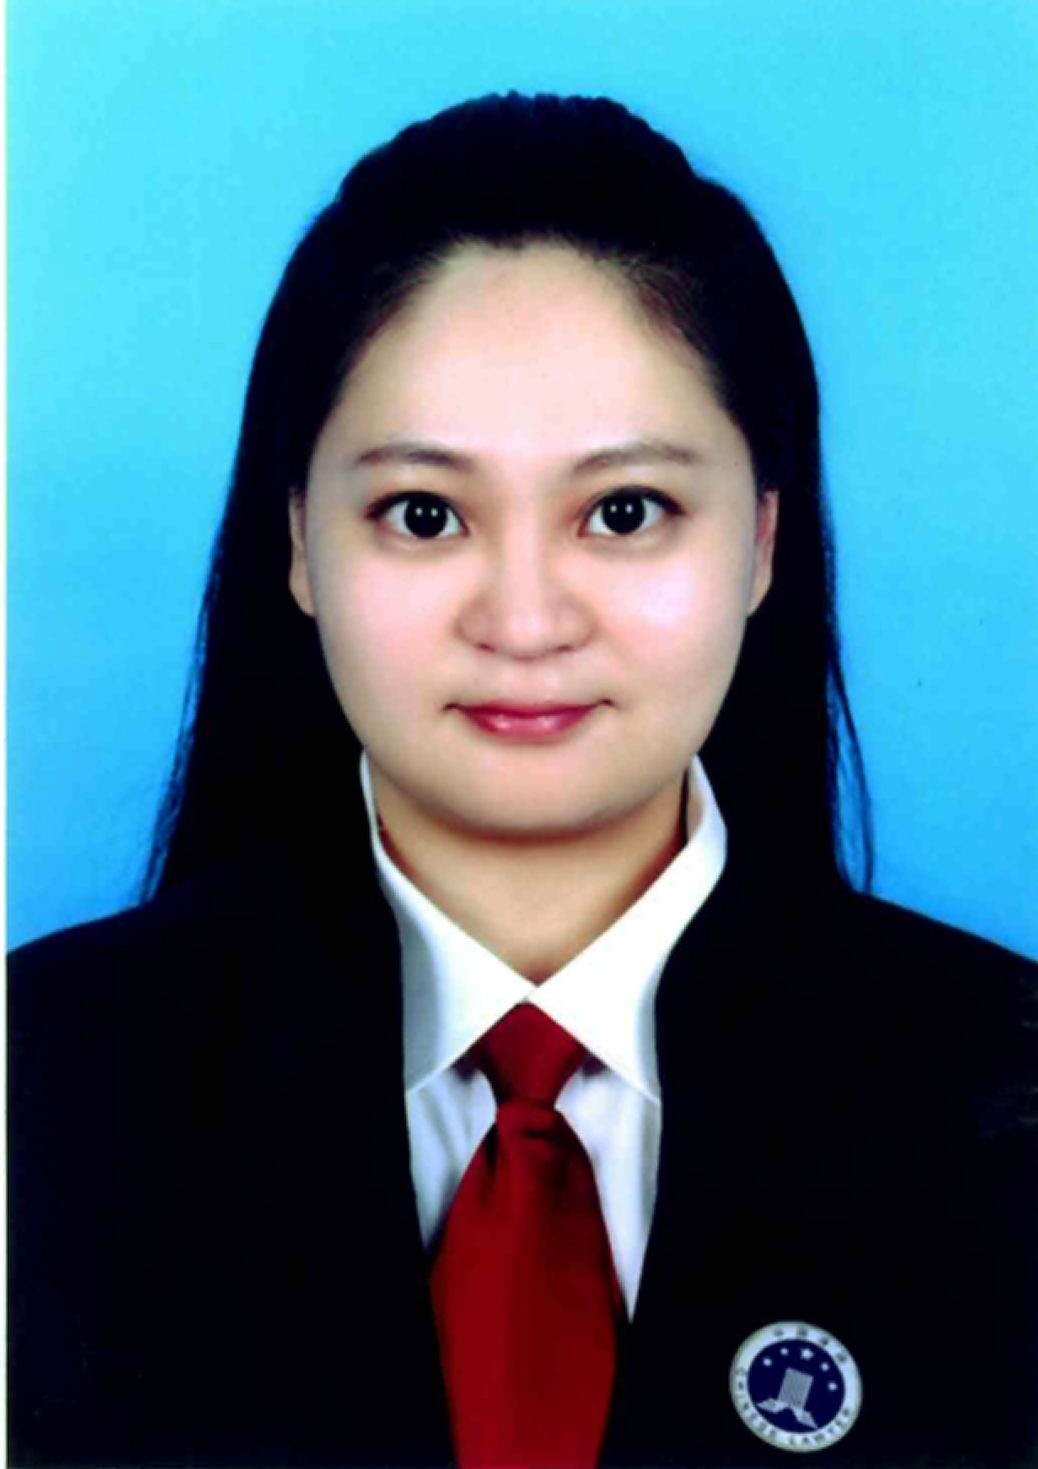 刘洺岑律师信息_刘洺岑律师个人案例 - 律师百科网